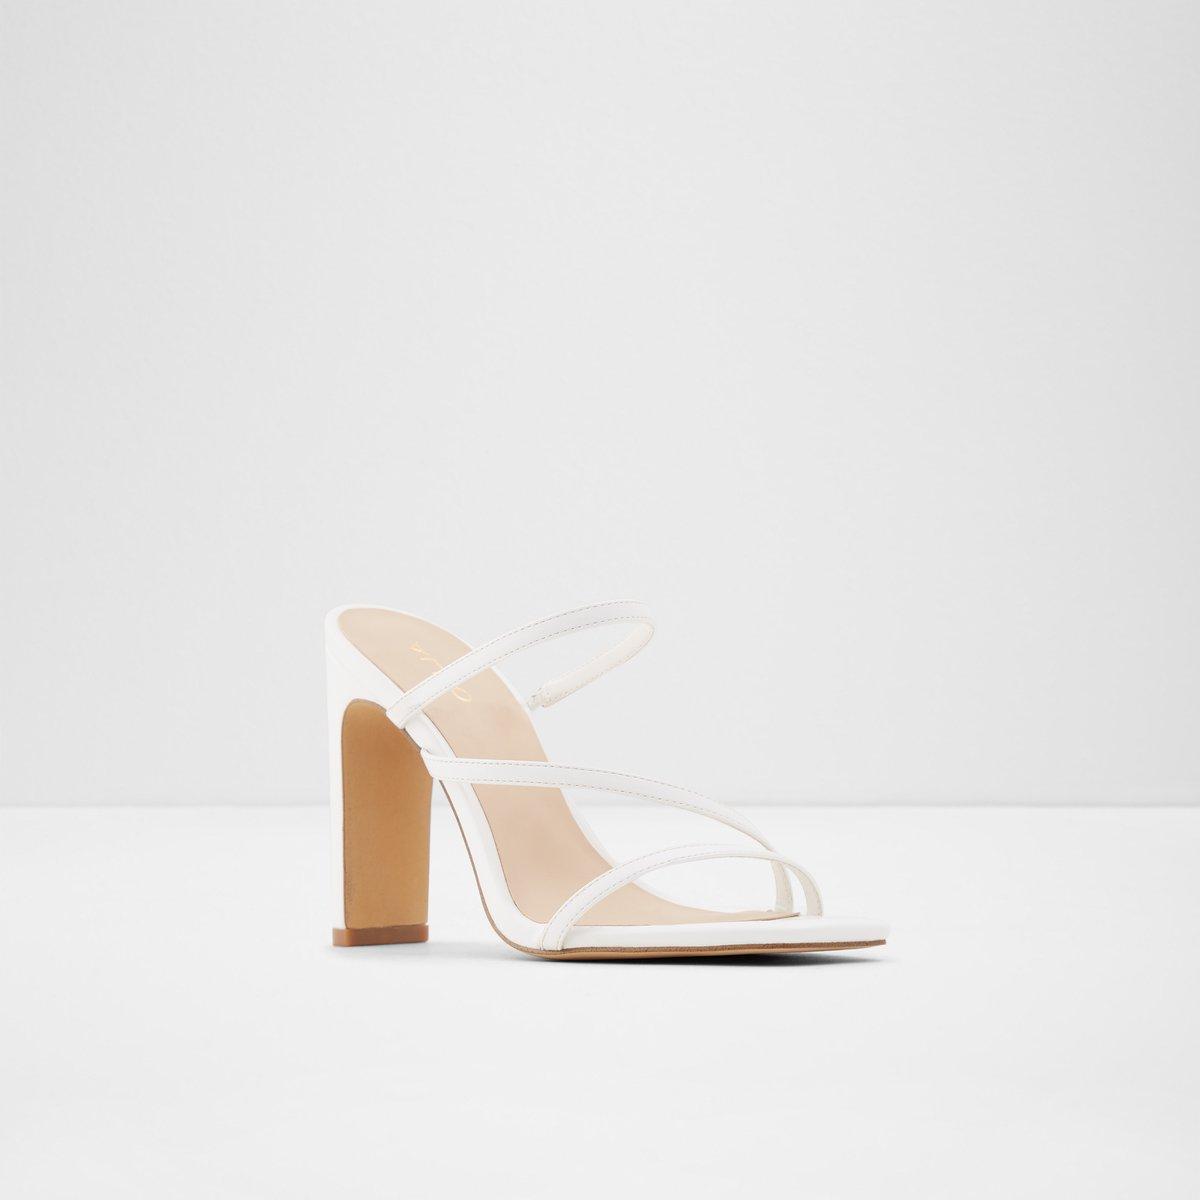 Nivi White Women's Sandals | ALDO US